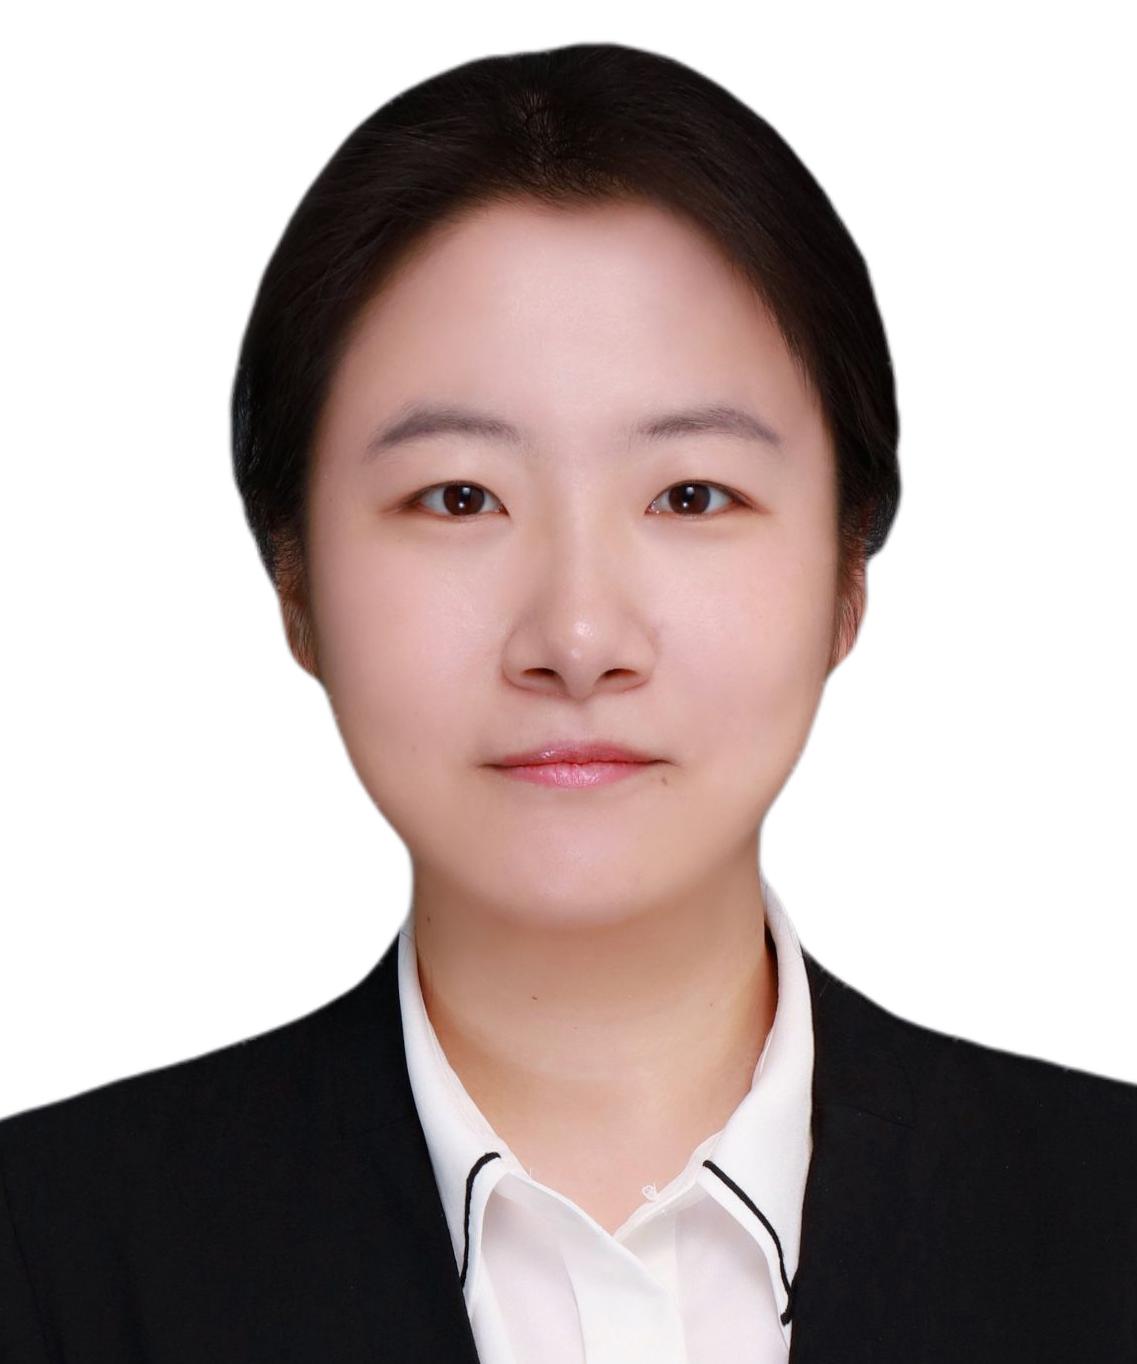 武悦 元合律师事务所 商业秘密